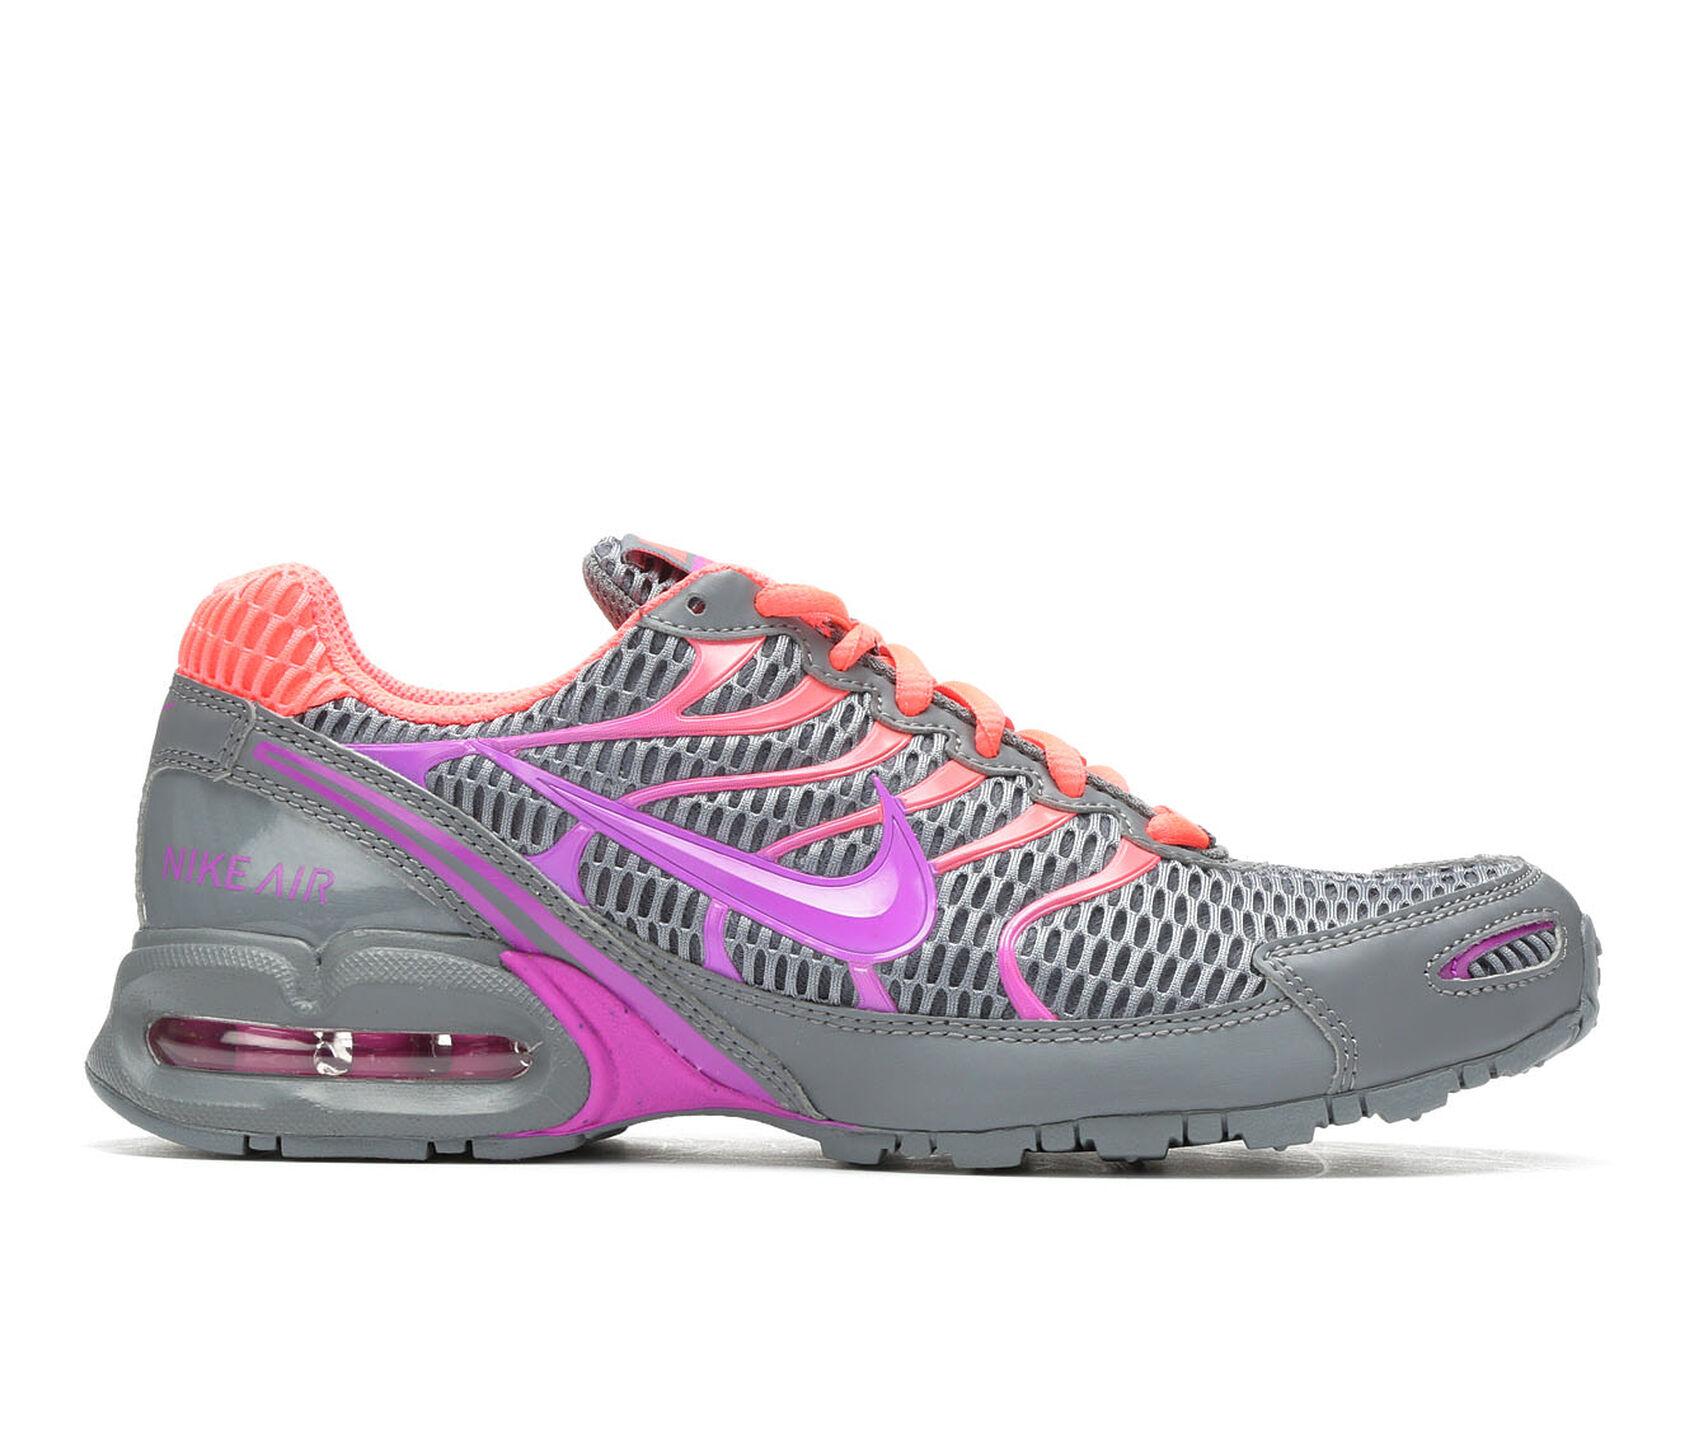 ... Nike Air Max Torch 4 Running Shoes. Carousel Controls c3b4a74a4